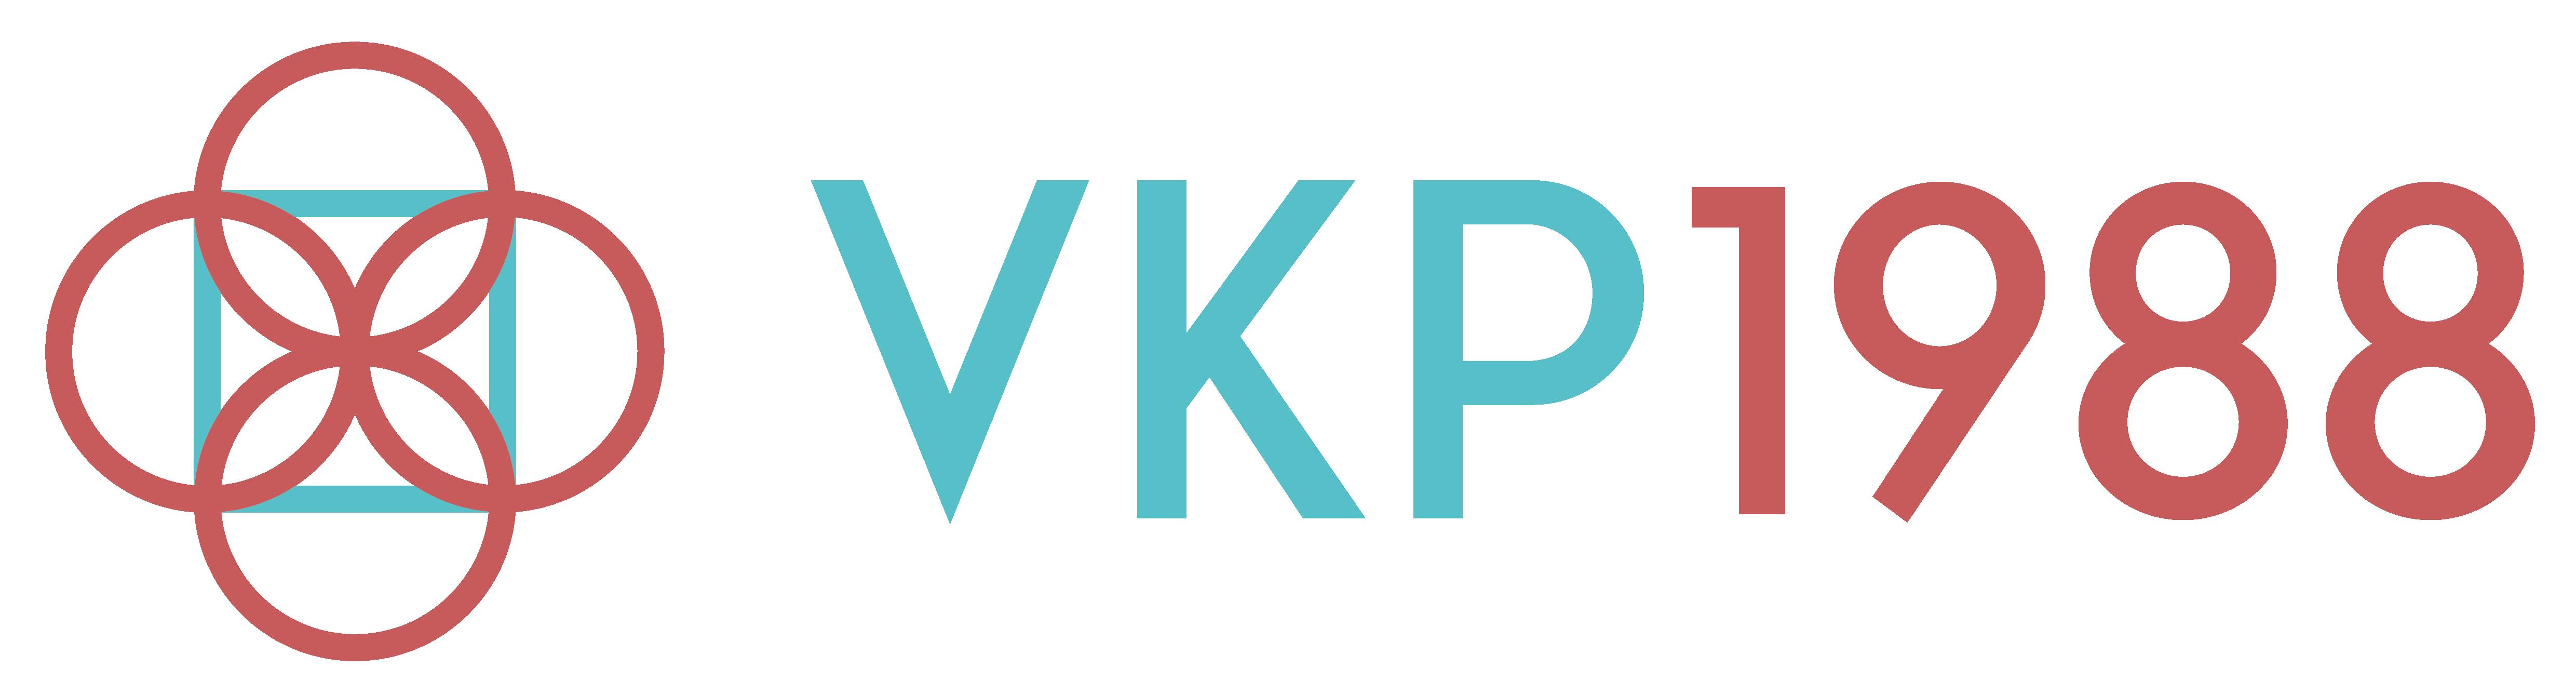 HelpDesk | VKP1988